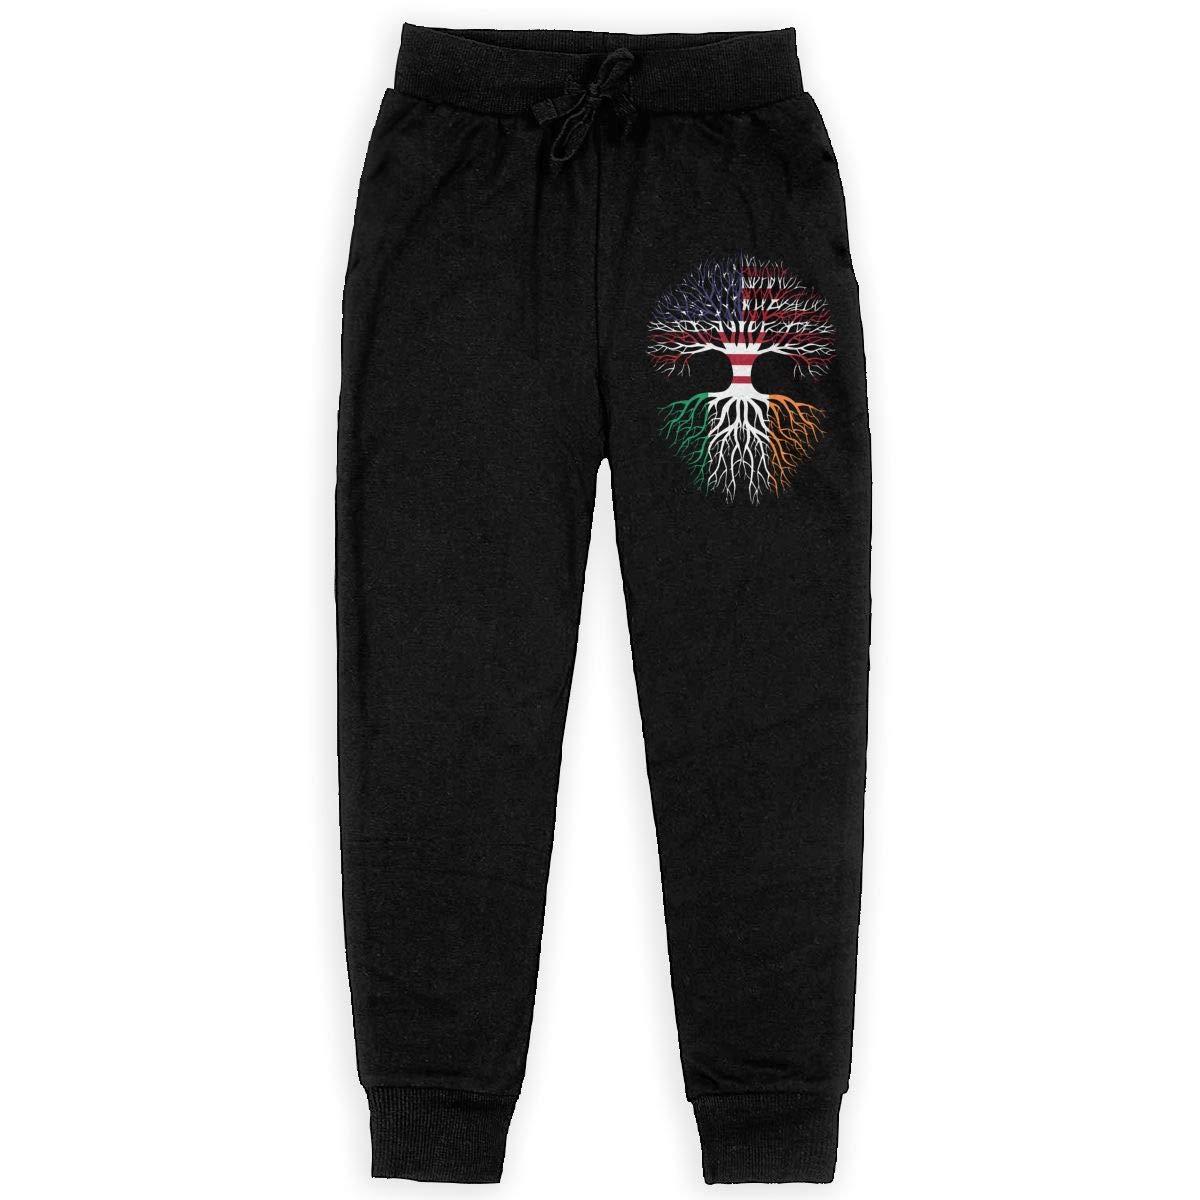 Girls Warm Fleece Active Pants for Teen Girls WYZVK22 American Grown Irish Roots Soft//Cozy Sweatpants